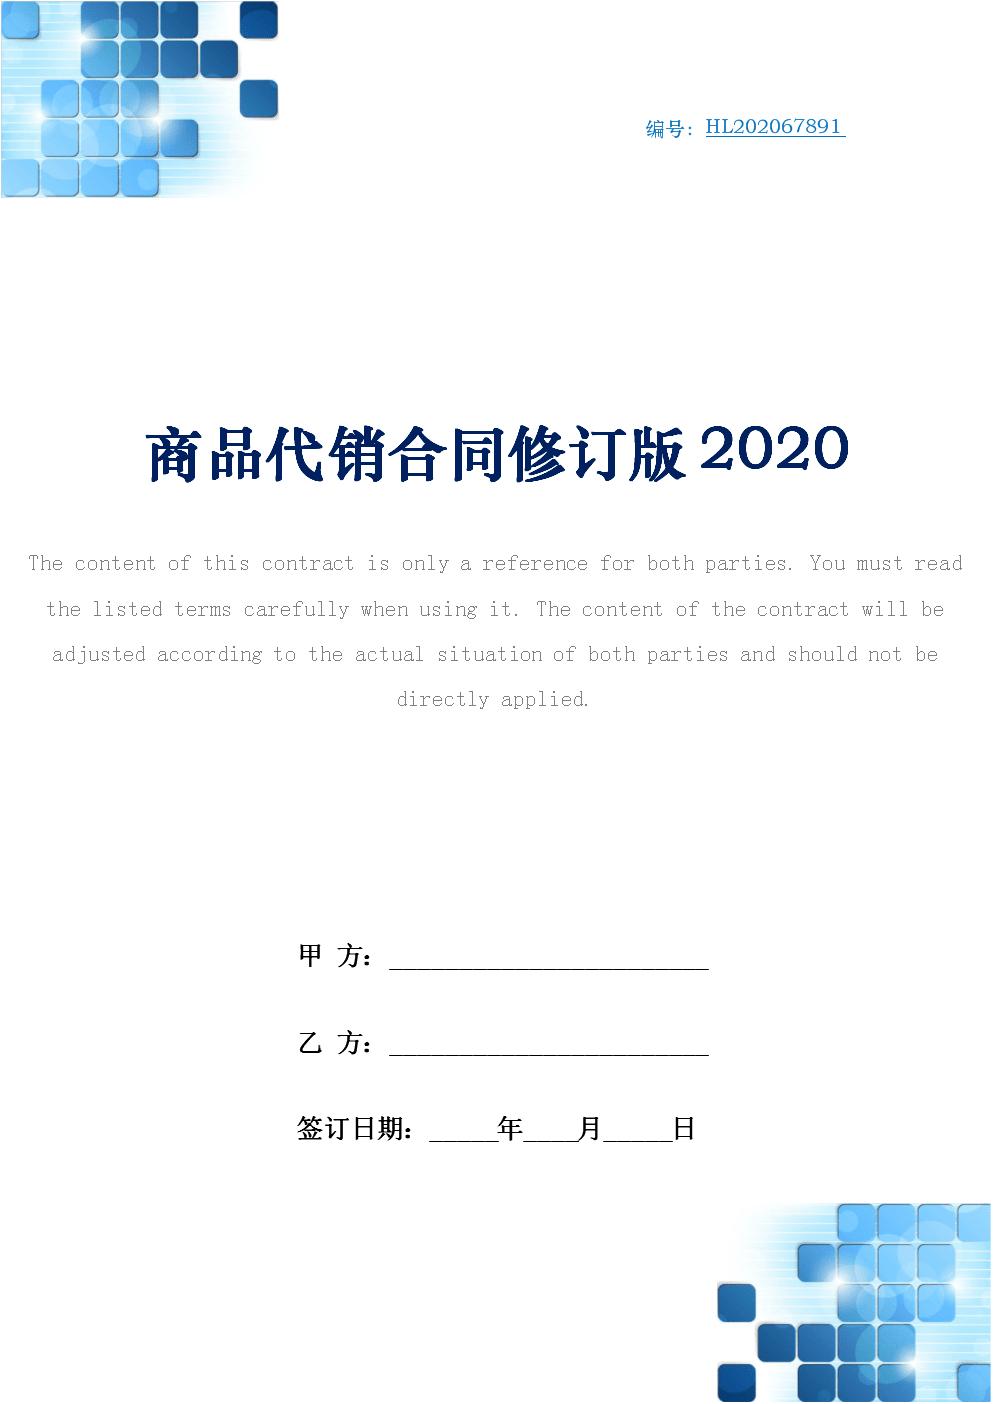 商品代销合同修订版2020.docx